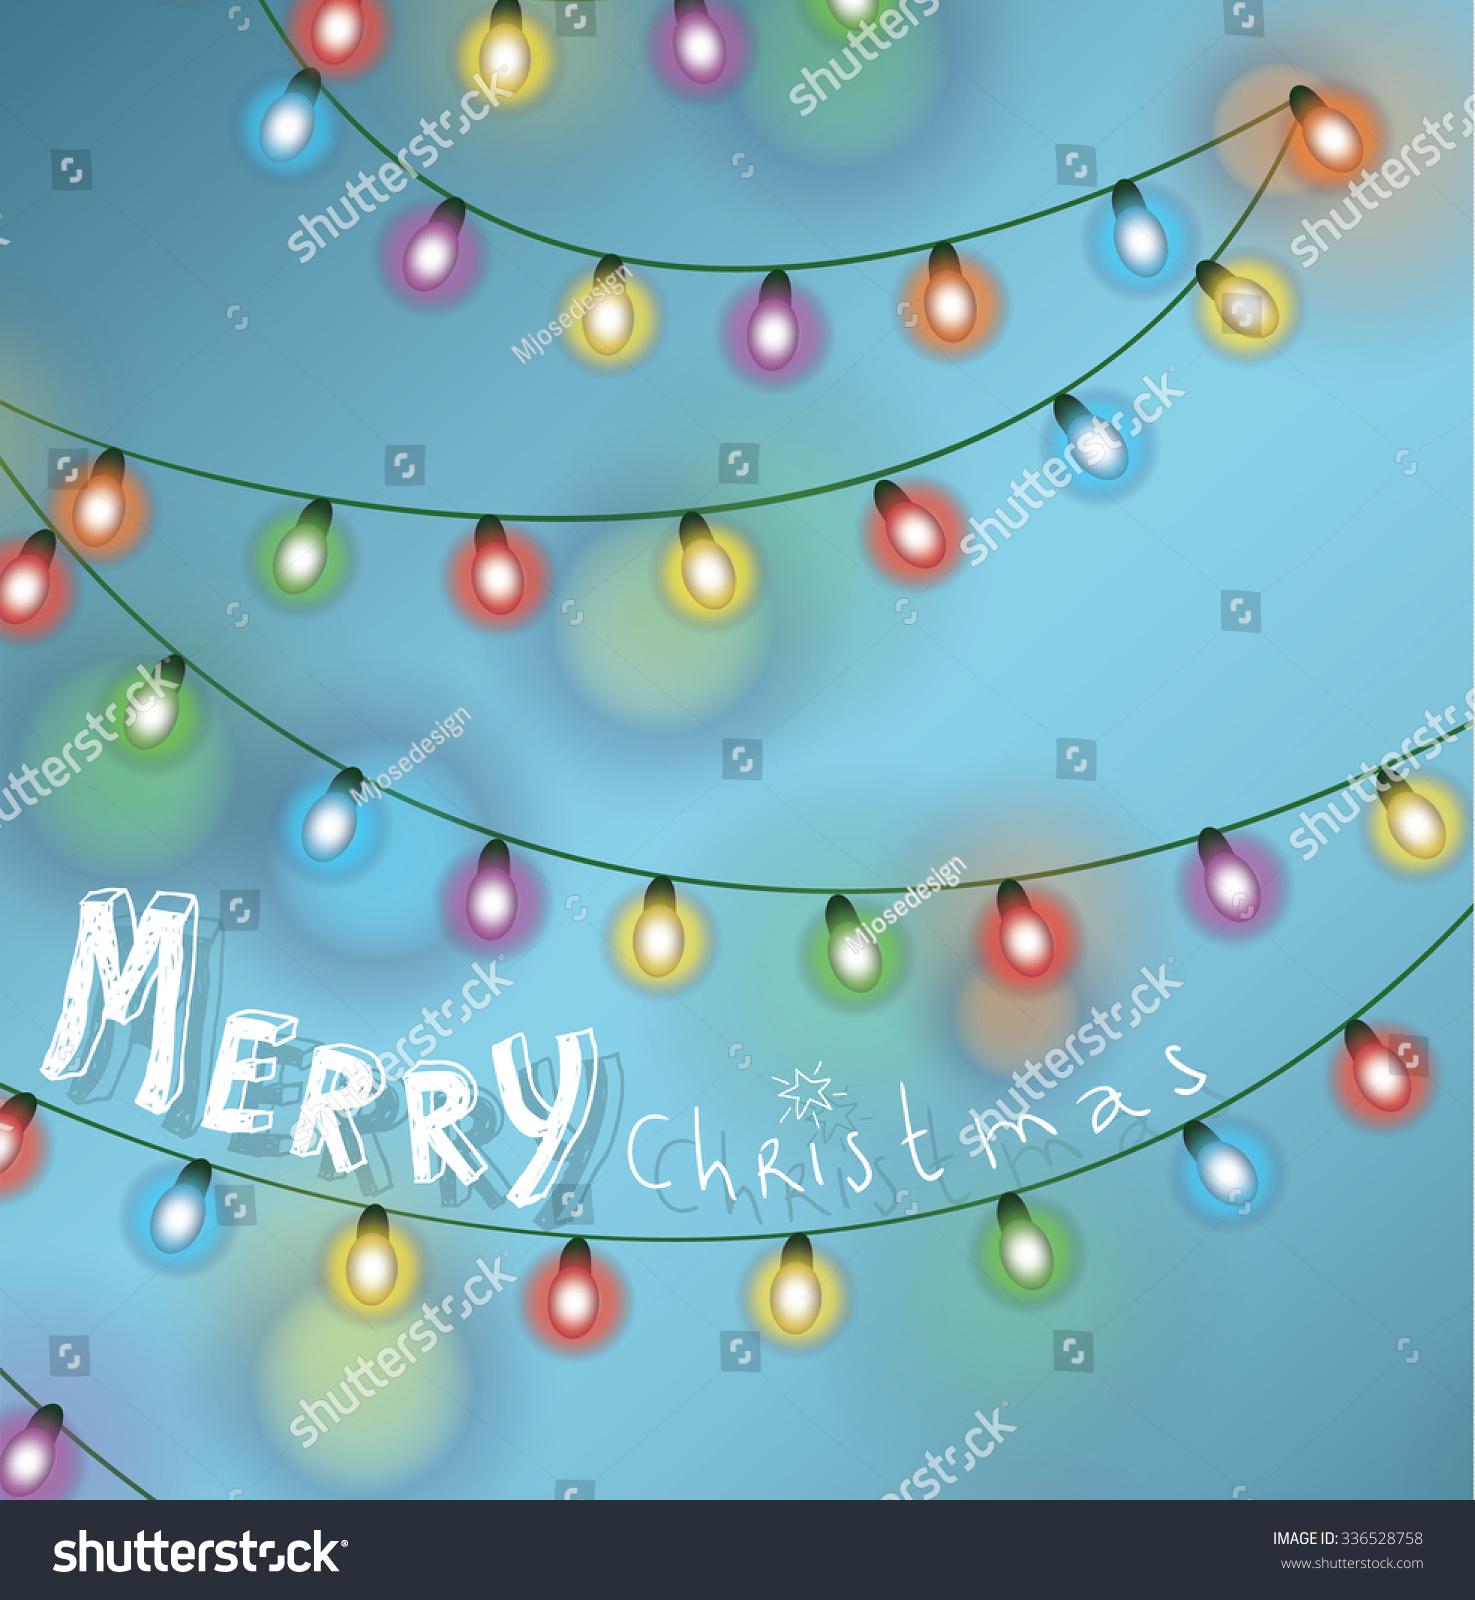 Christmas String Lights. Vector Illustration. - 336528758 : Shutterstock